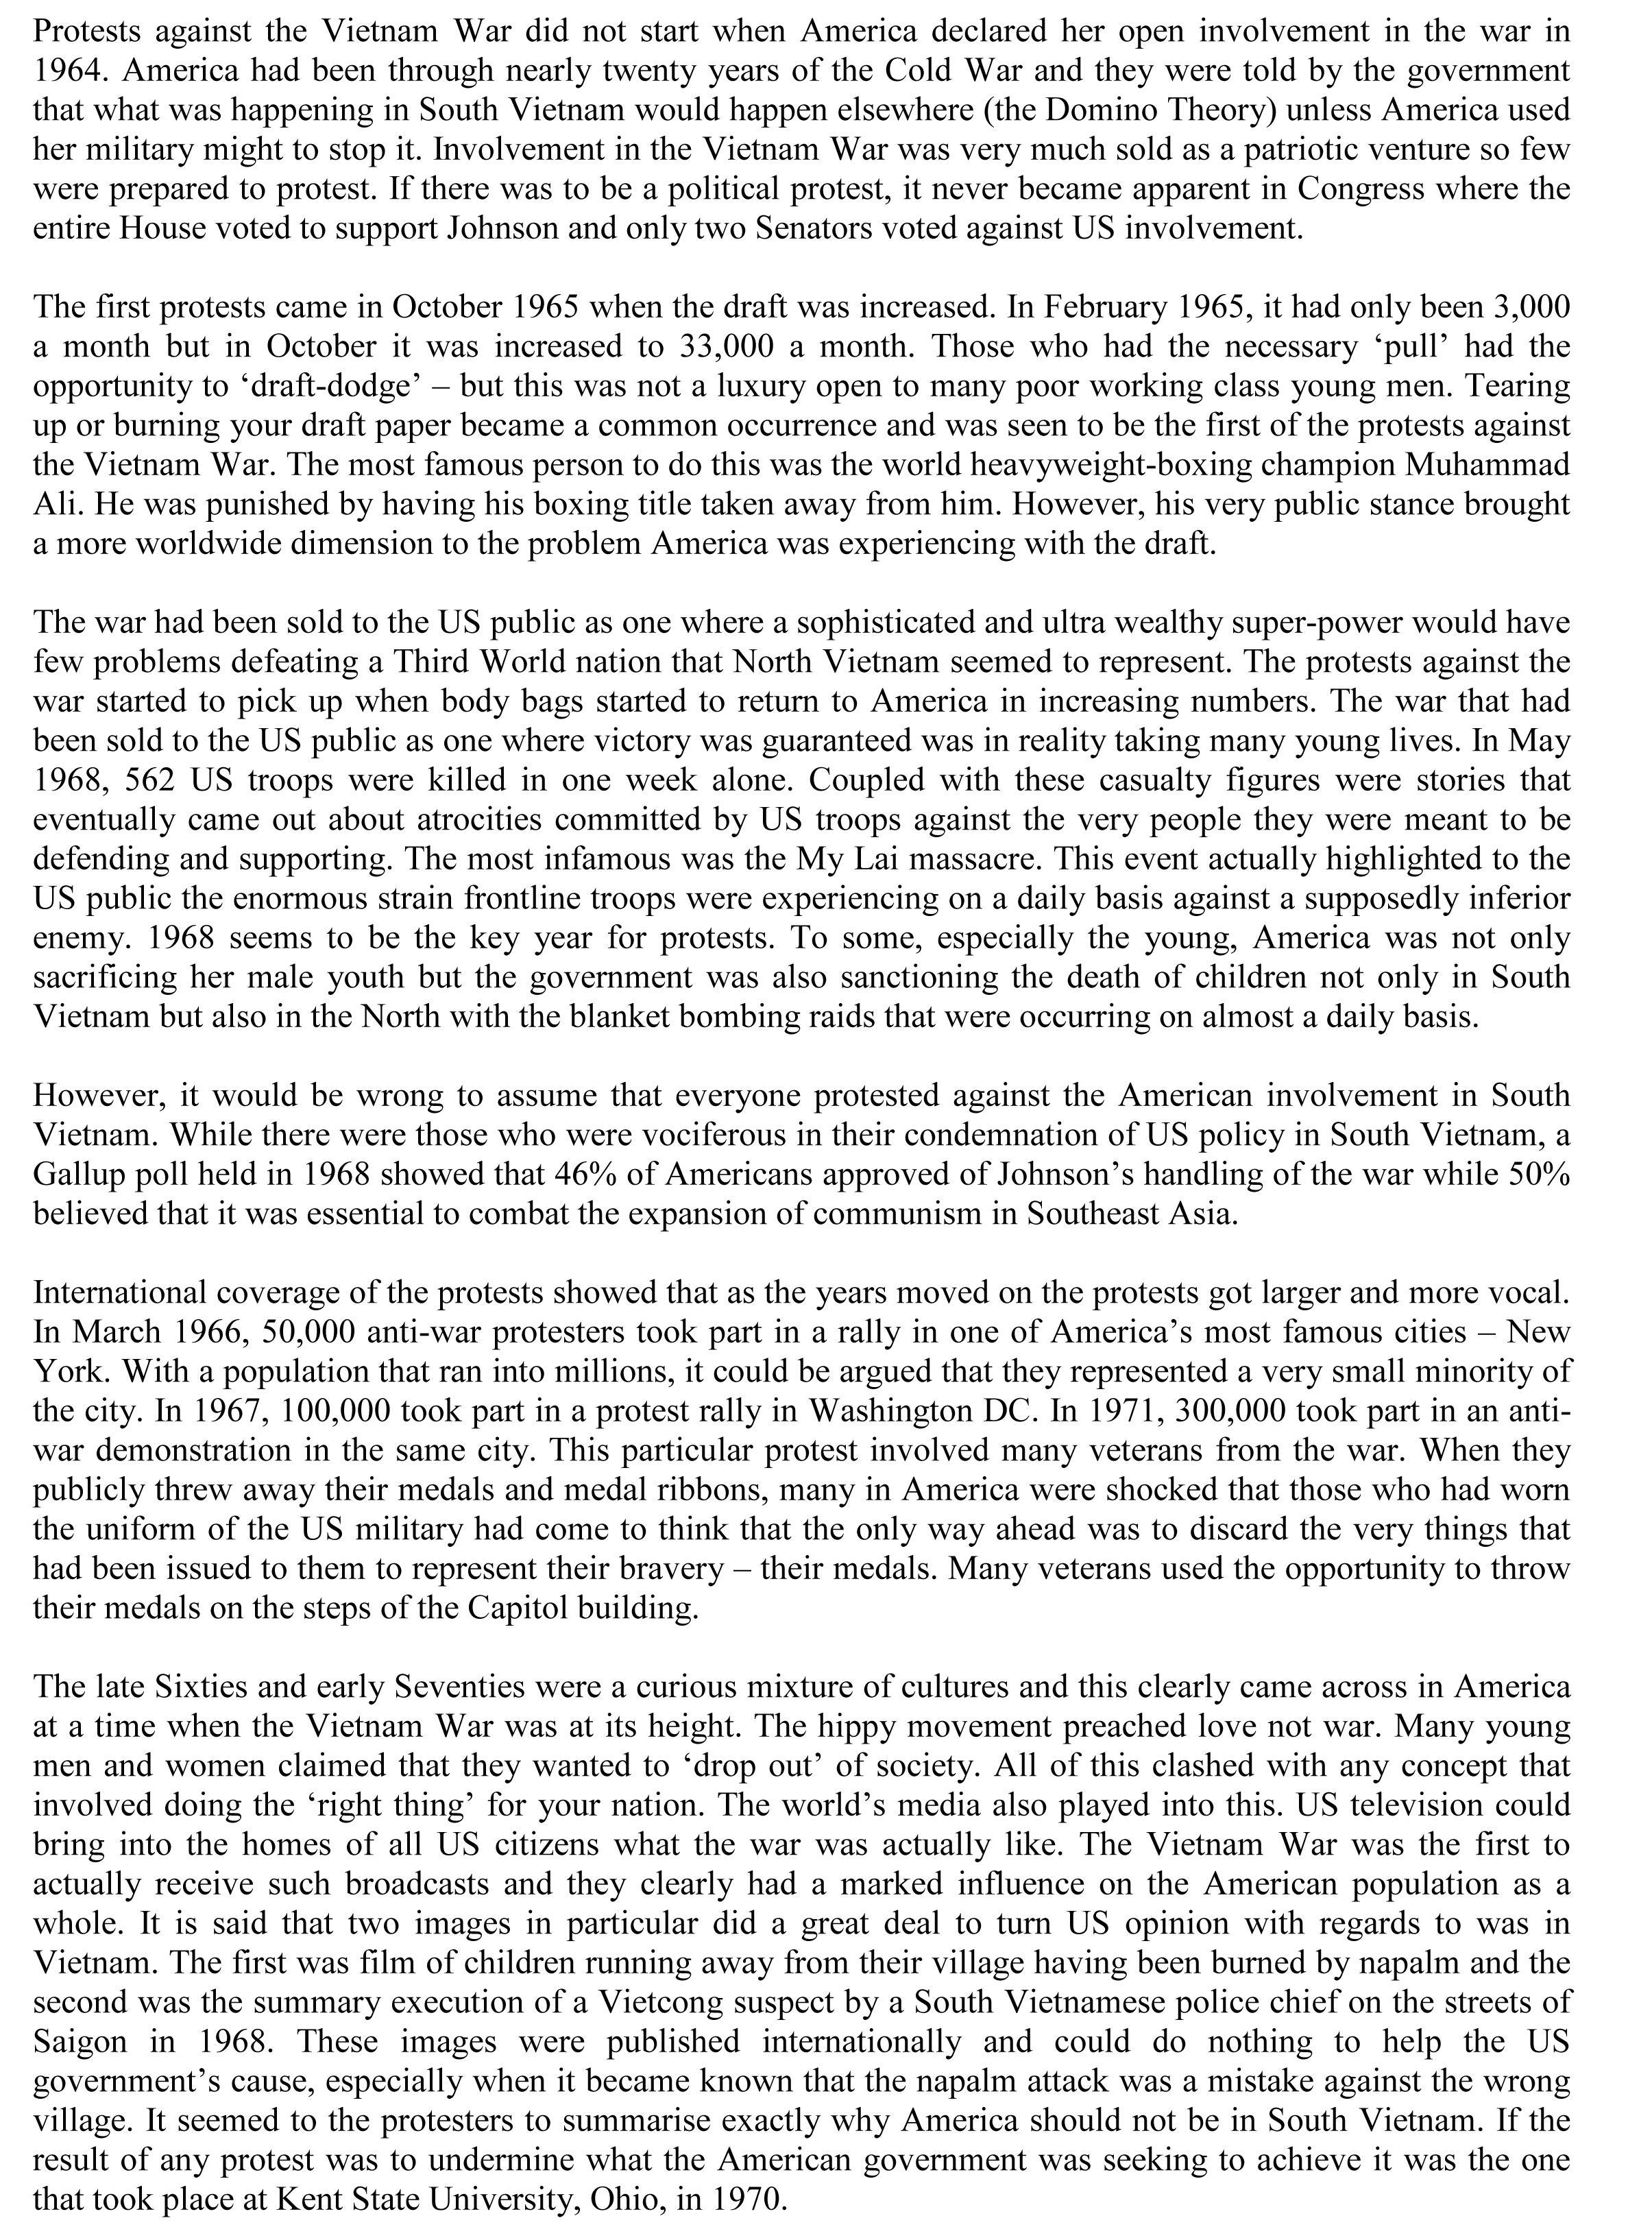 020 Essay Example Vietnam War Causal Argument Imposing Topics Topic Ideas Full